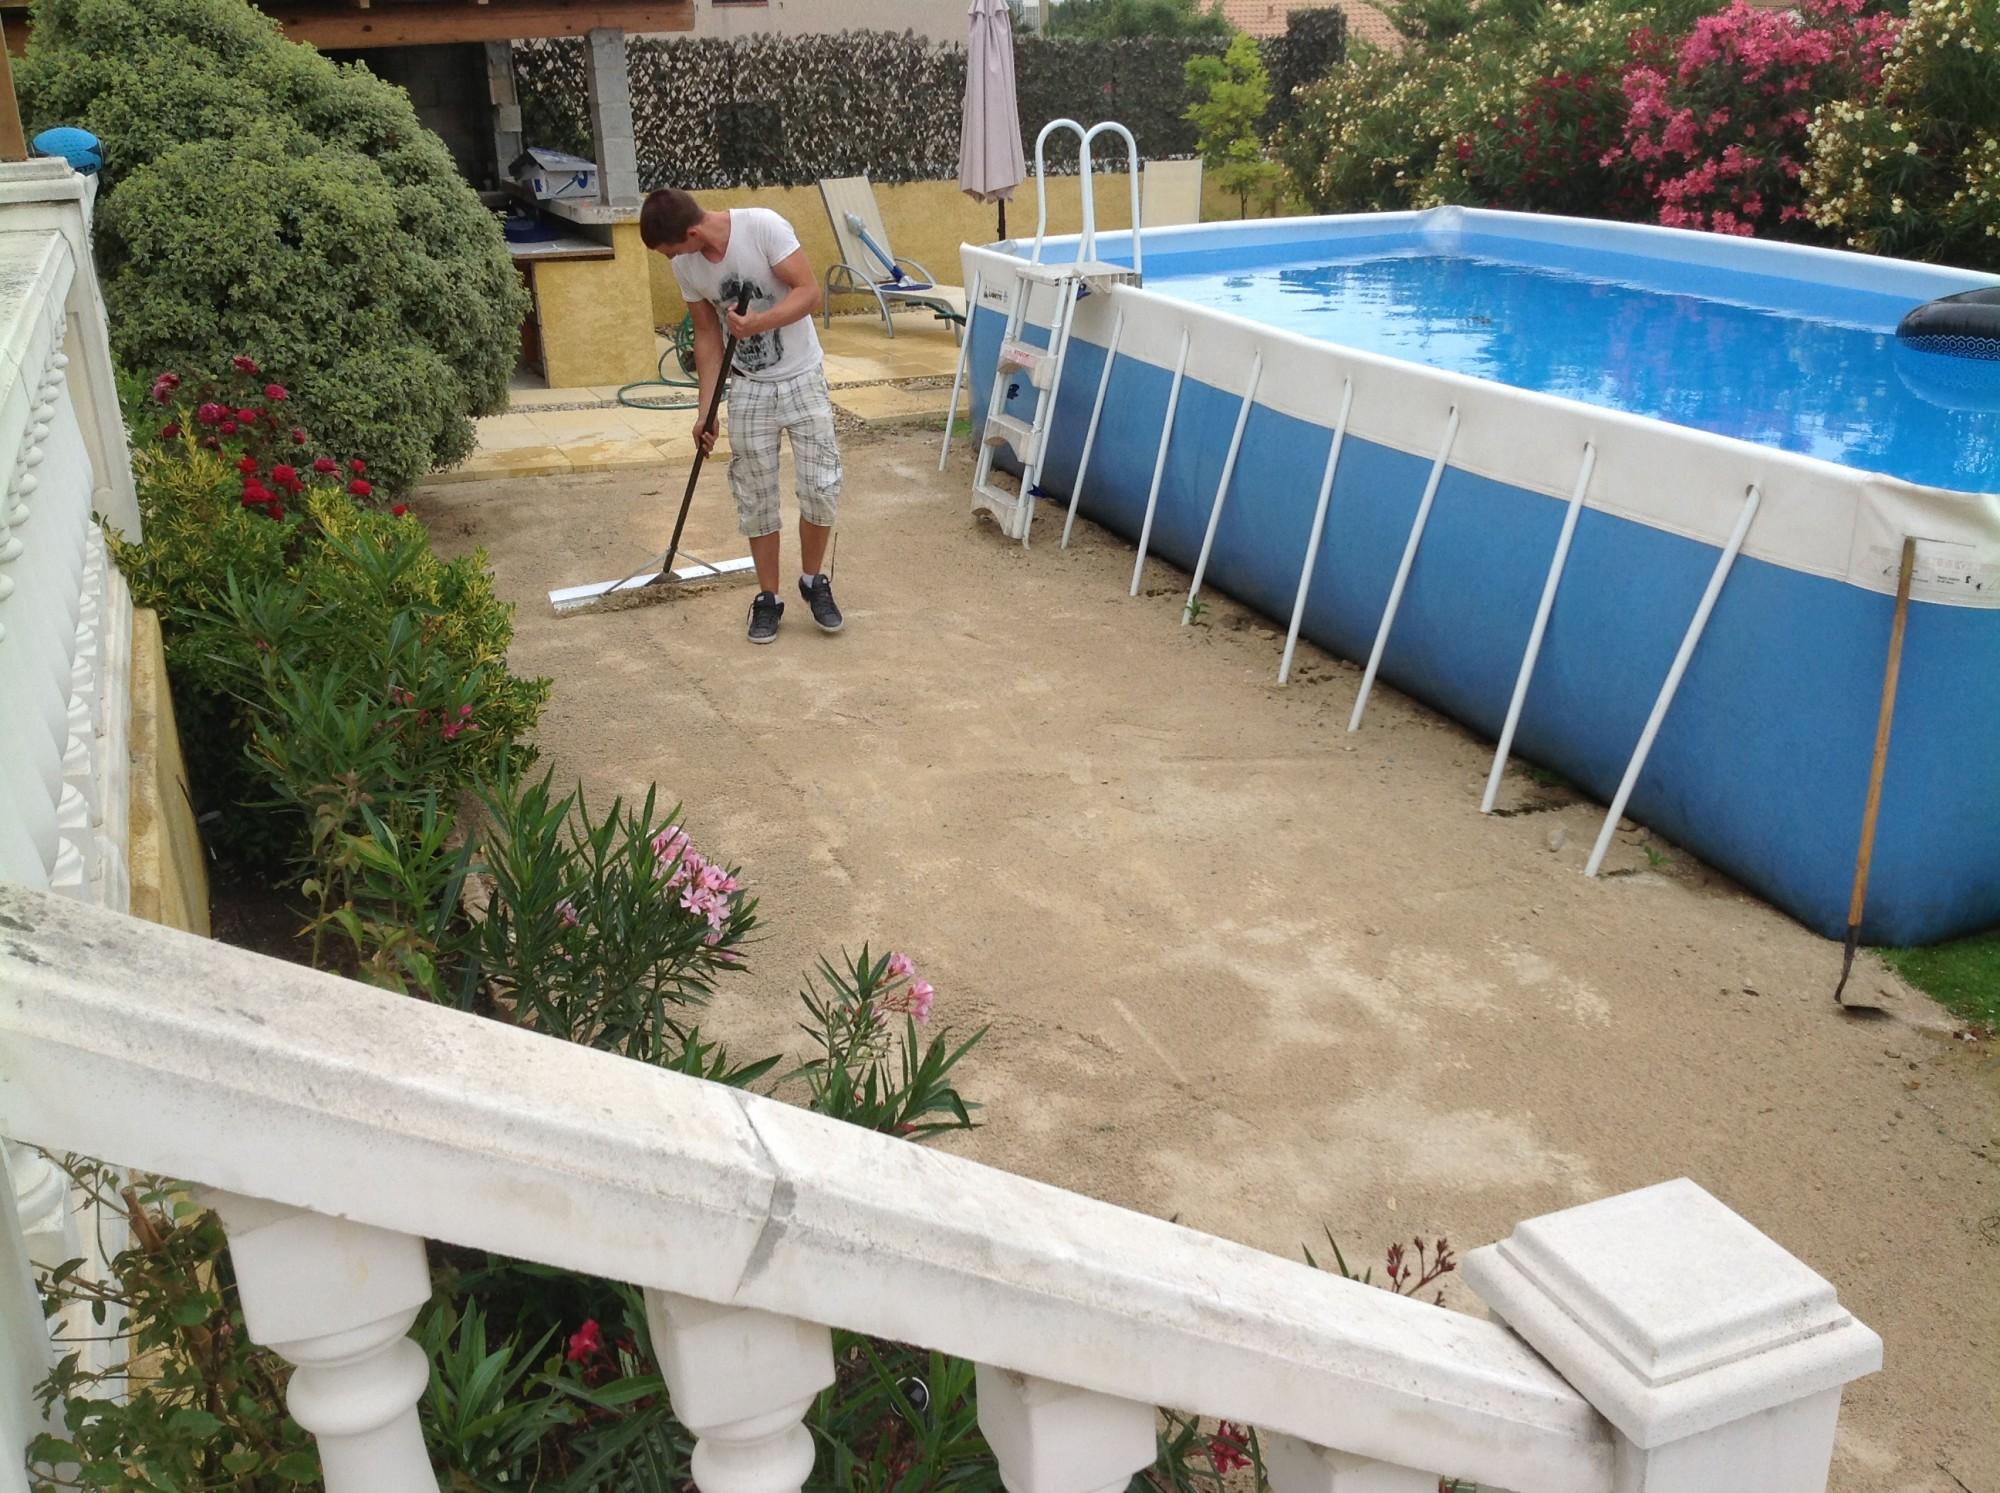 Pose d 39 un gazon synth tique cannes pr s d 39 une piscine la pose gazon synth tique gazon et - Piscine pente terrain nice ...